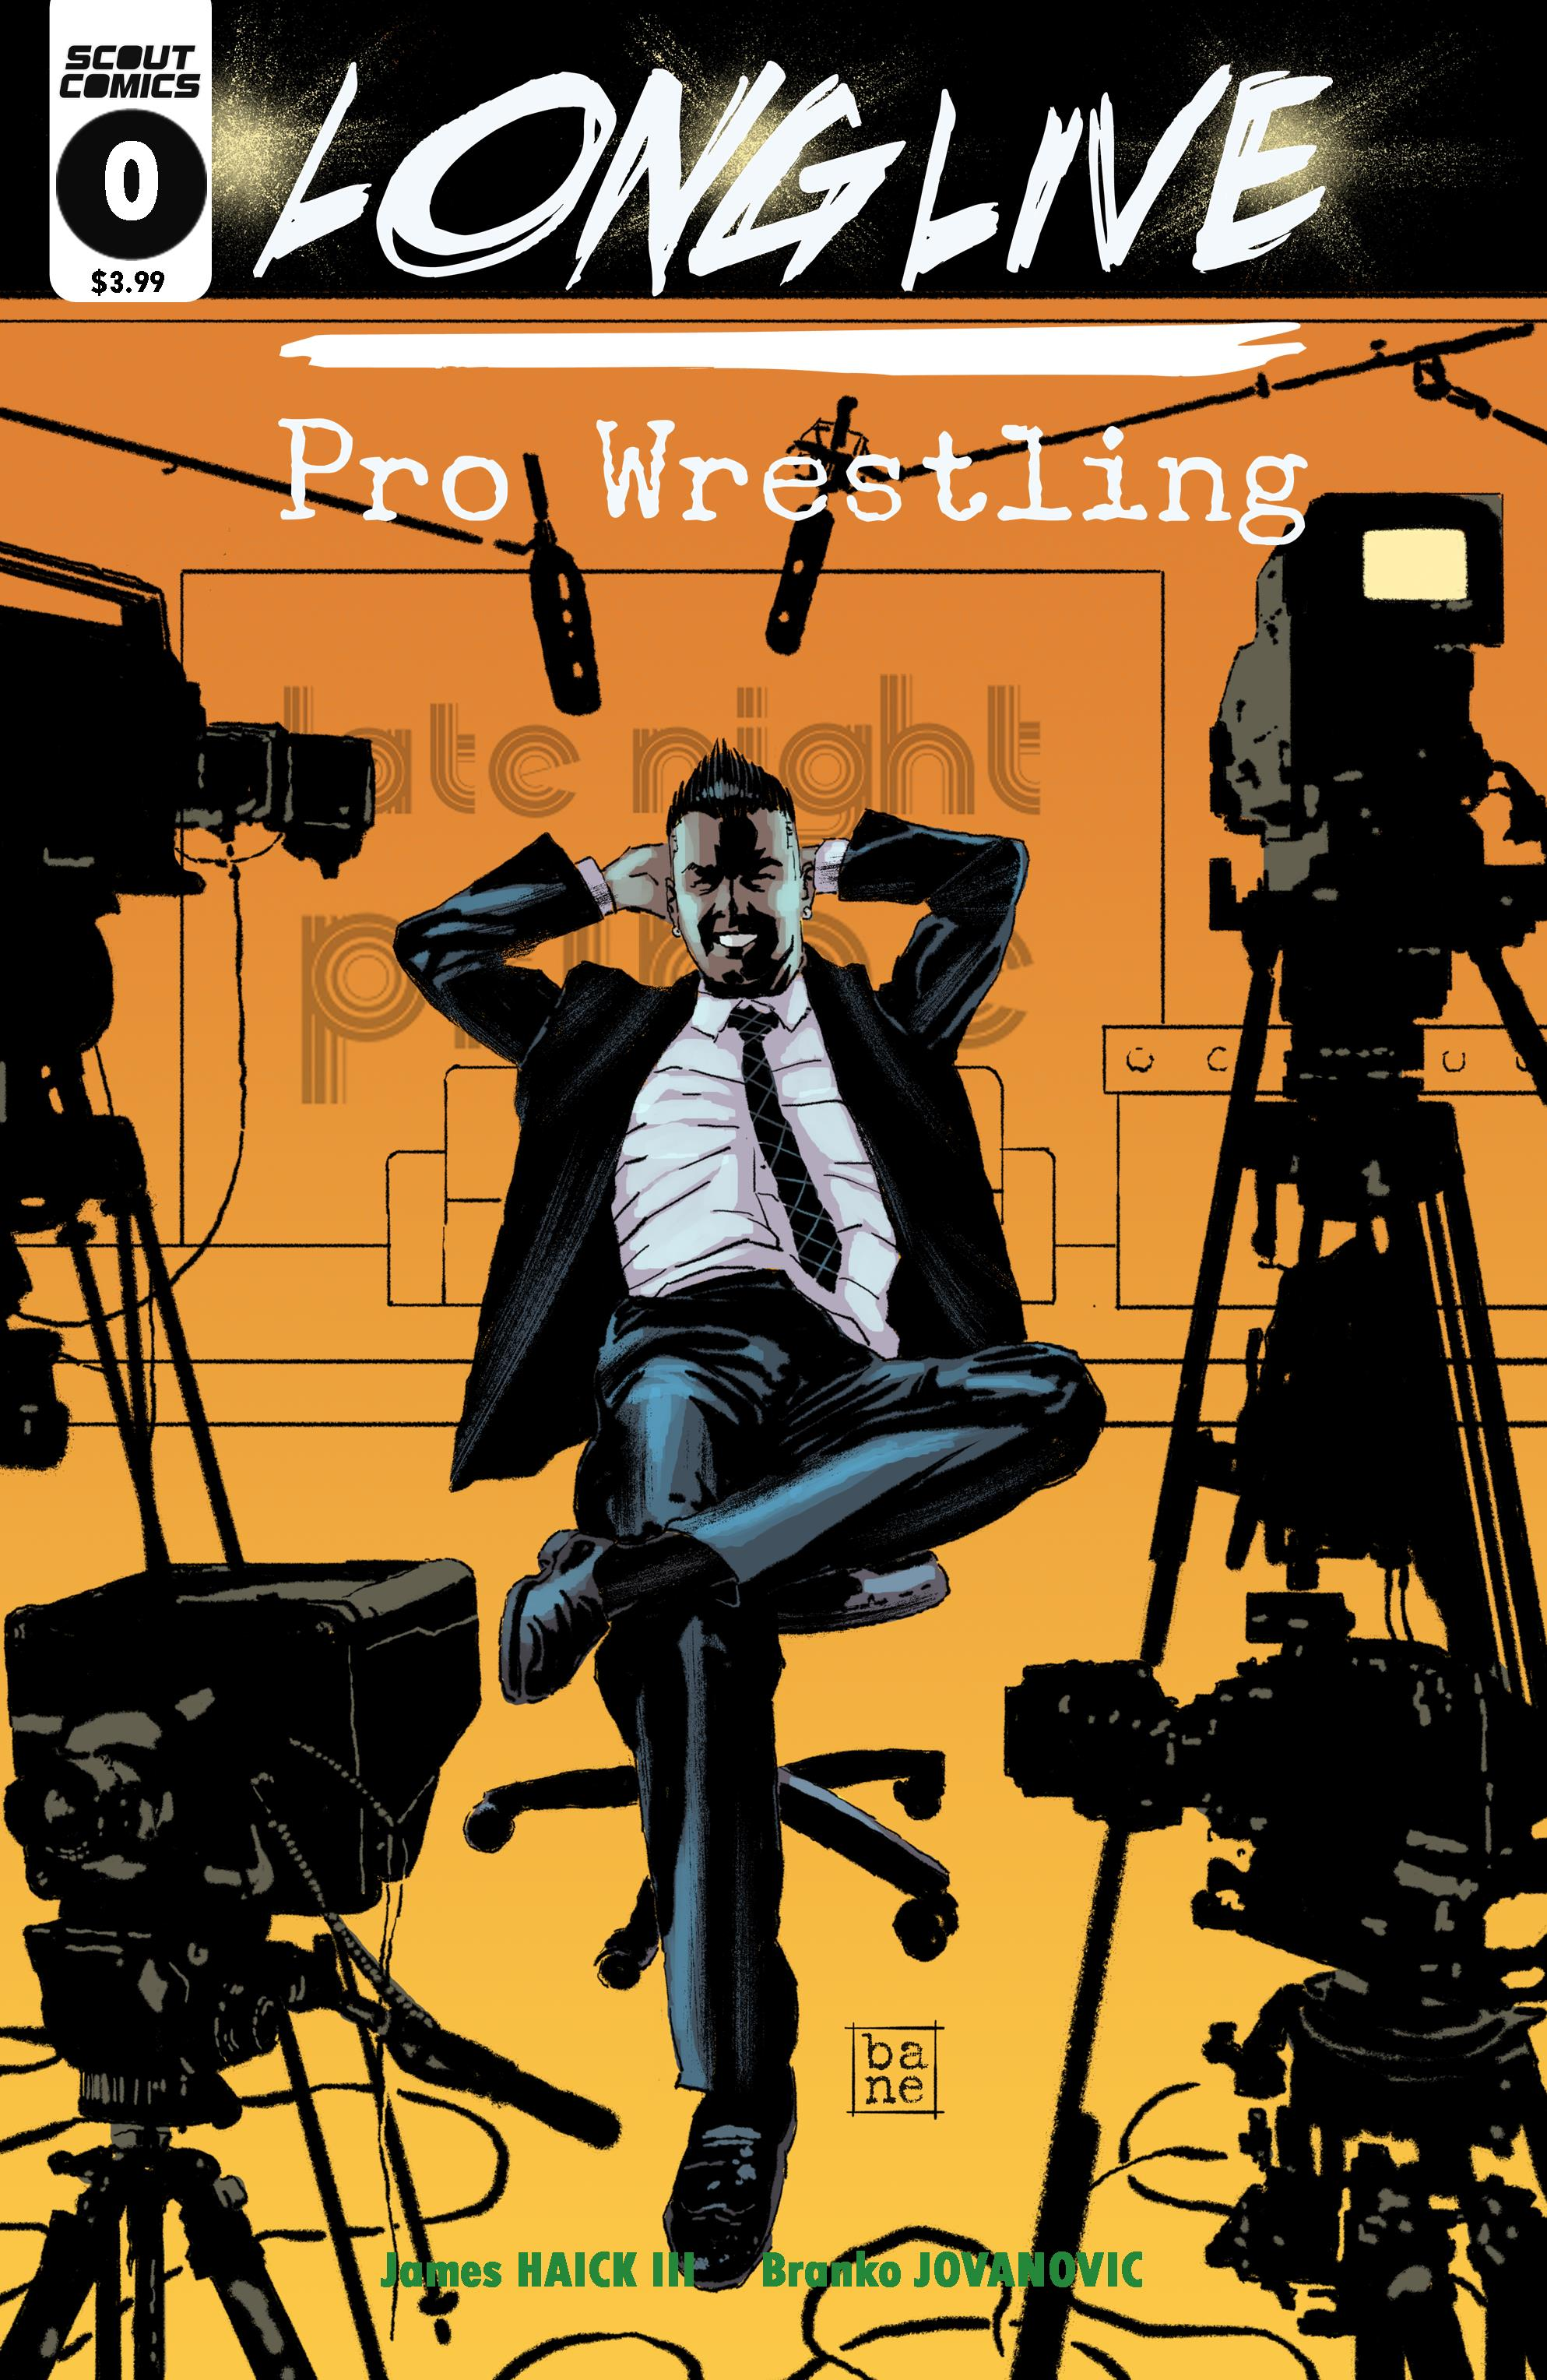 Long Live Pro Wrestling 0 cover new.jpg